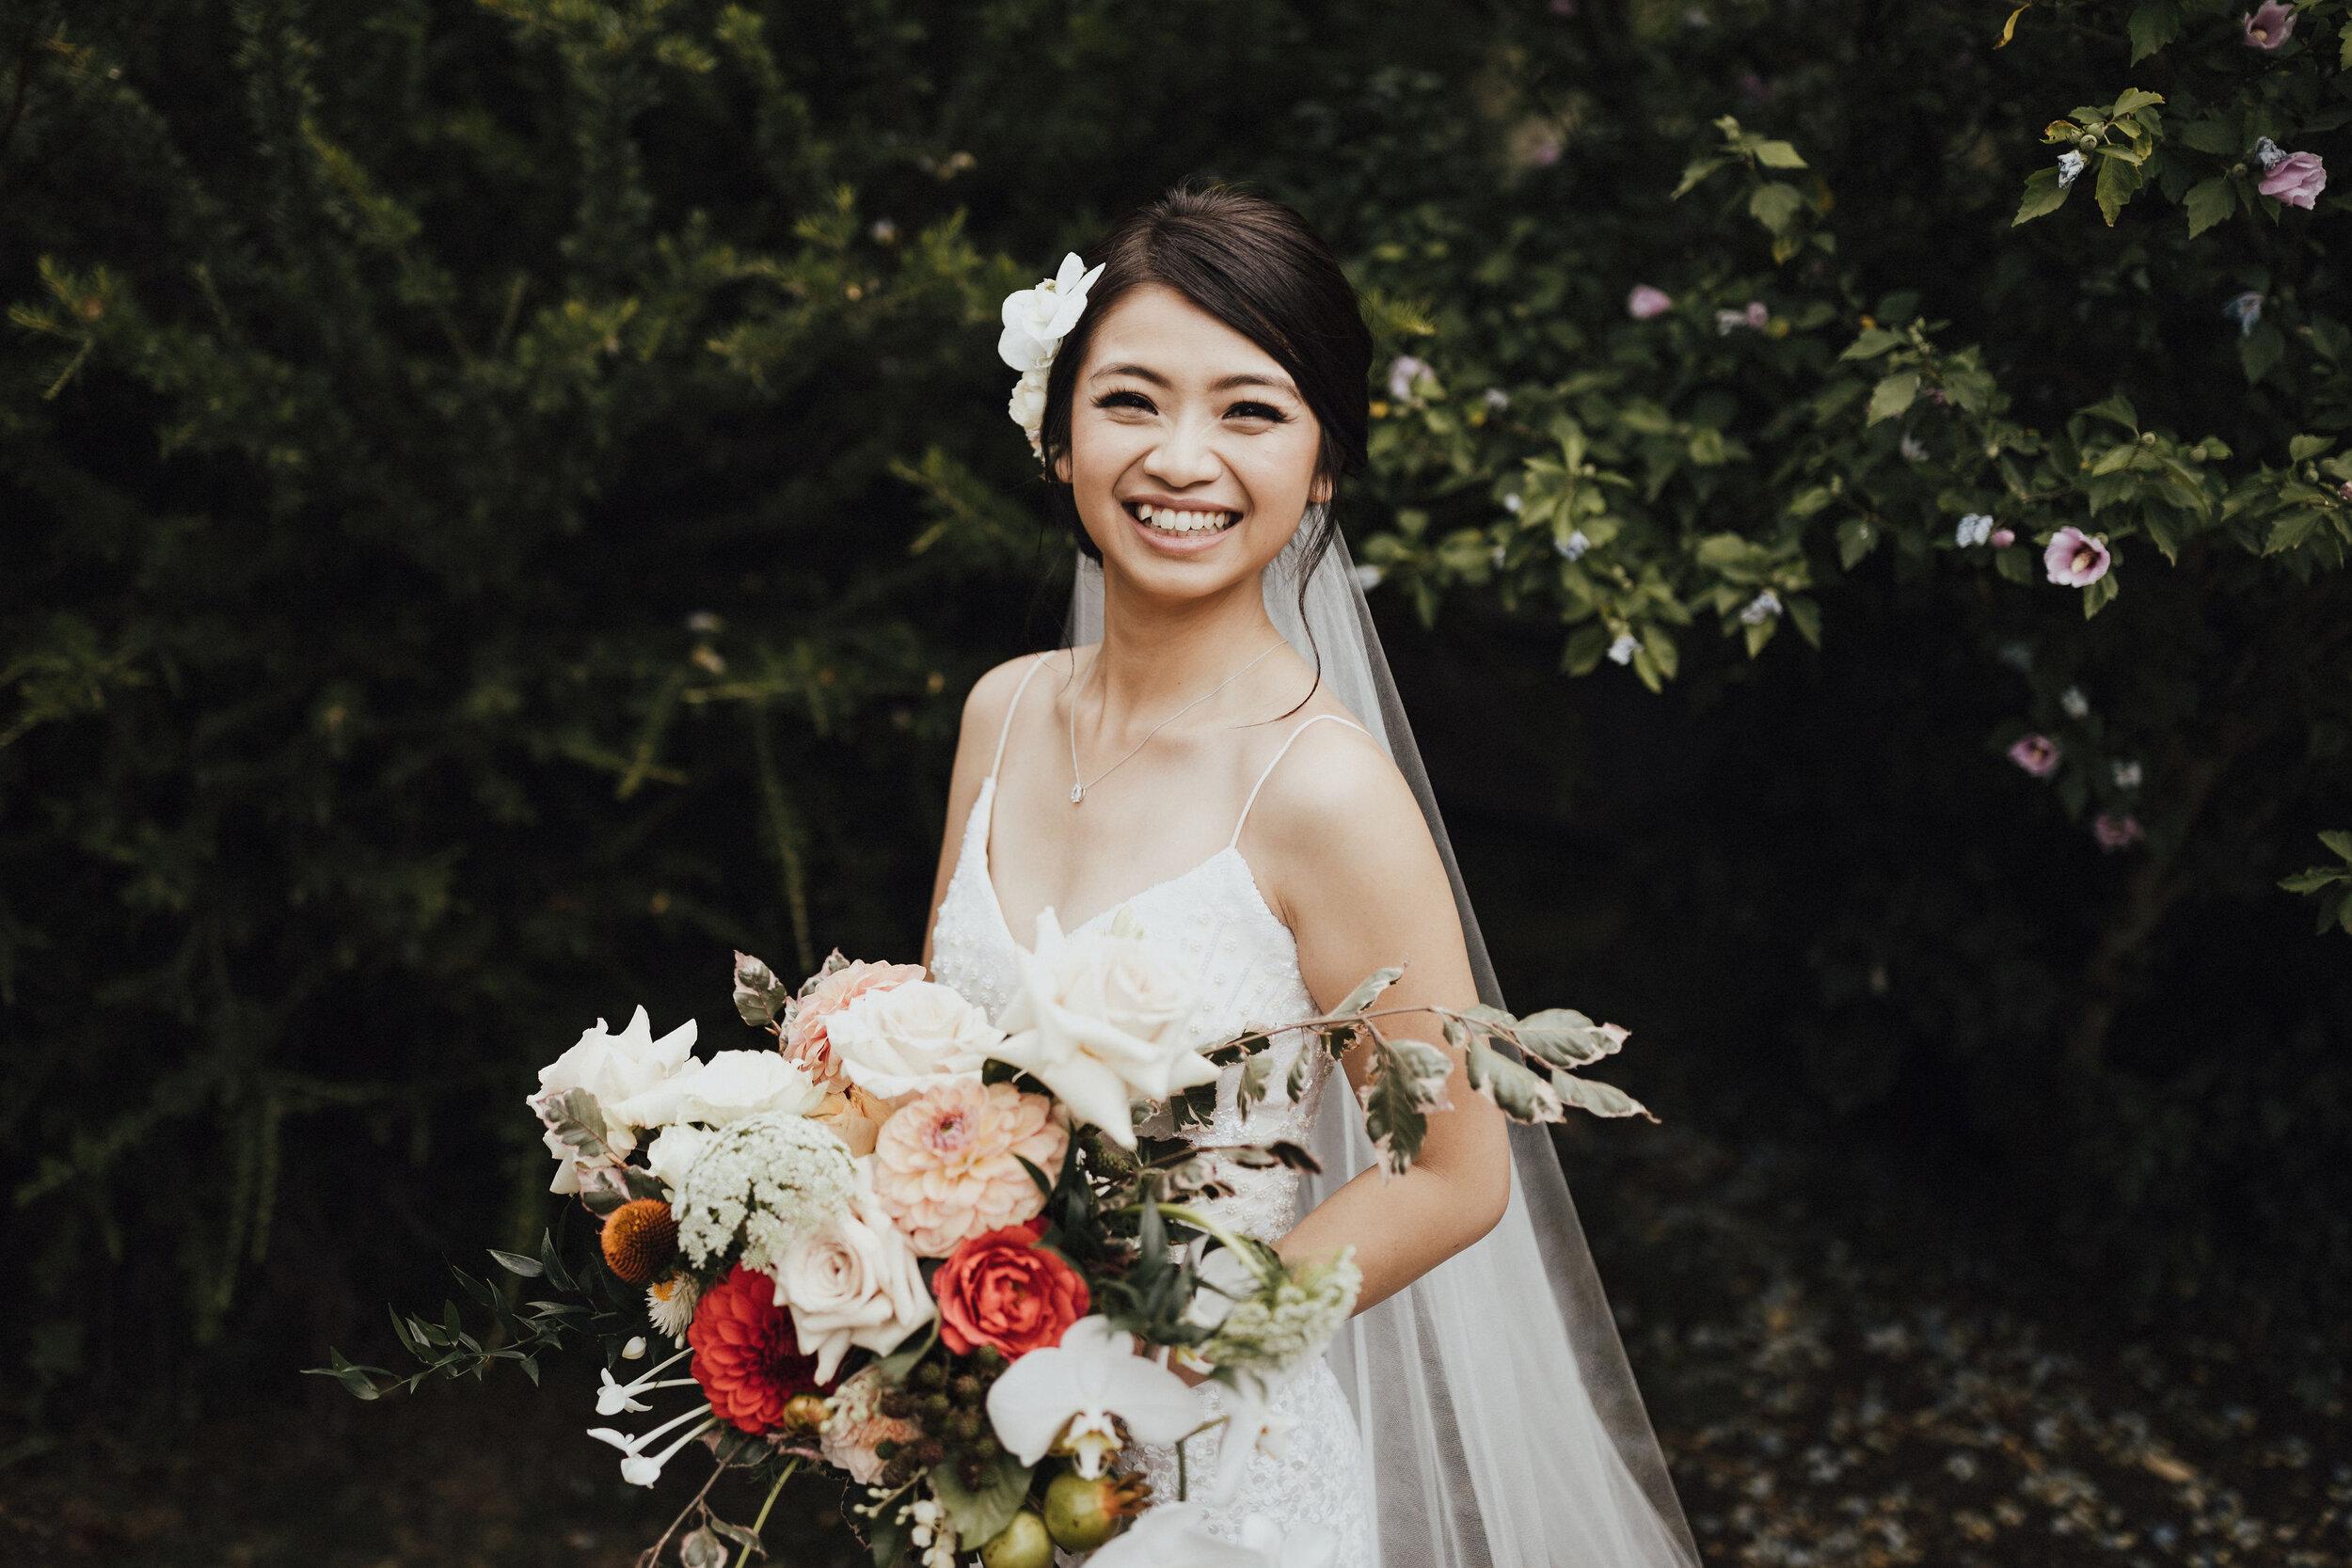 Amy-Jac-wedding-0221.JPG